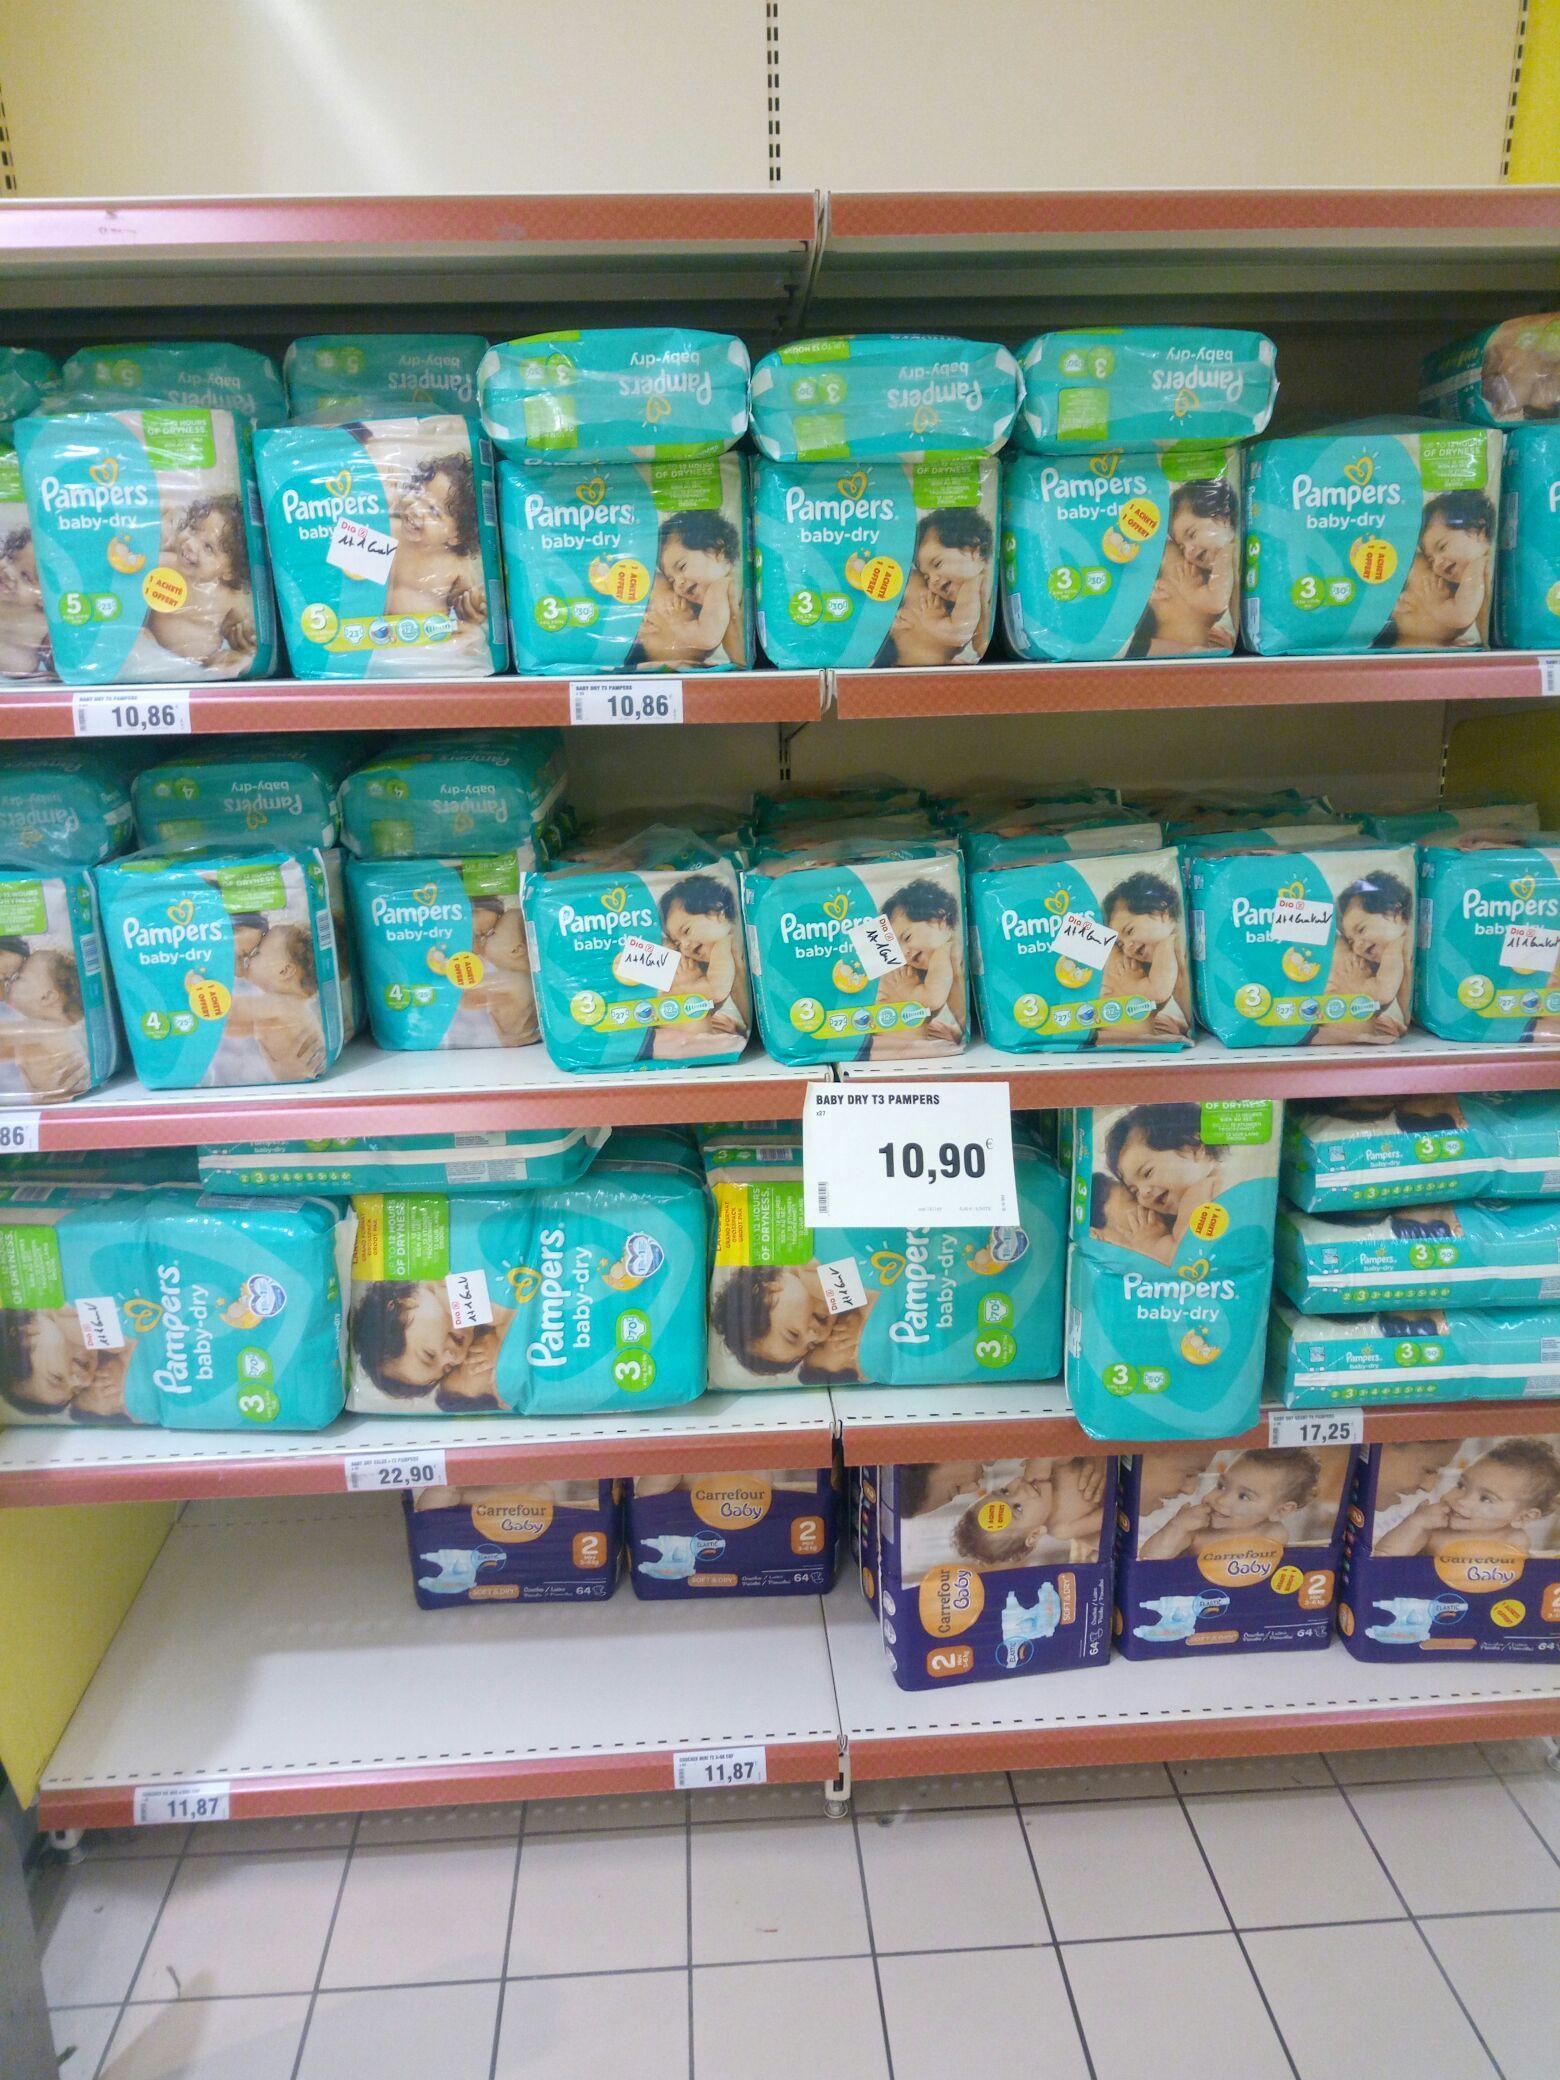 Sélection de produits Pampers en promo - Ex : Lot de 2  packs de 30 Couches Pampers taille 3